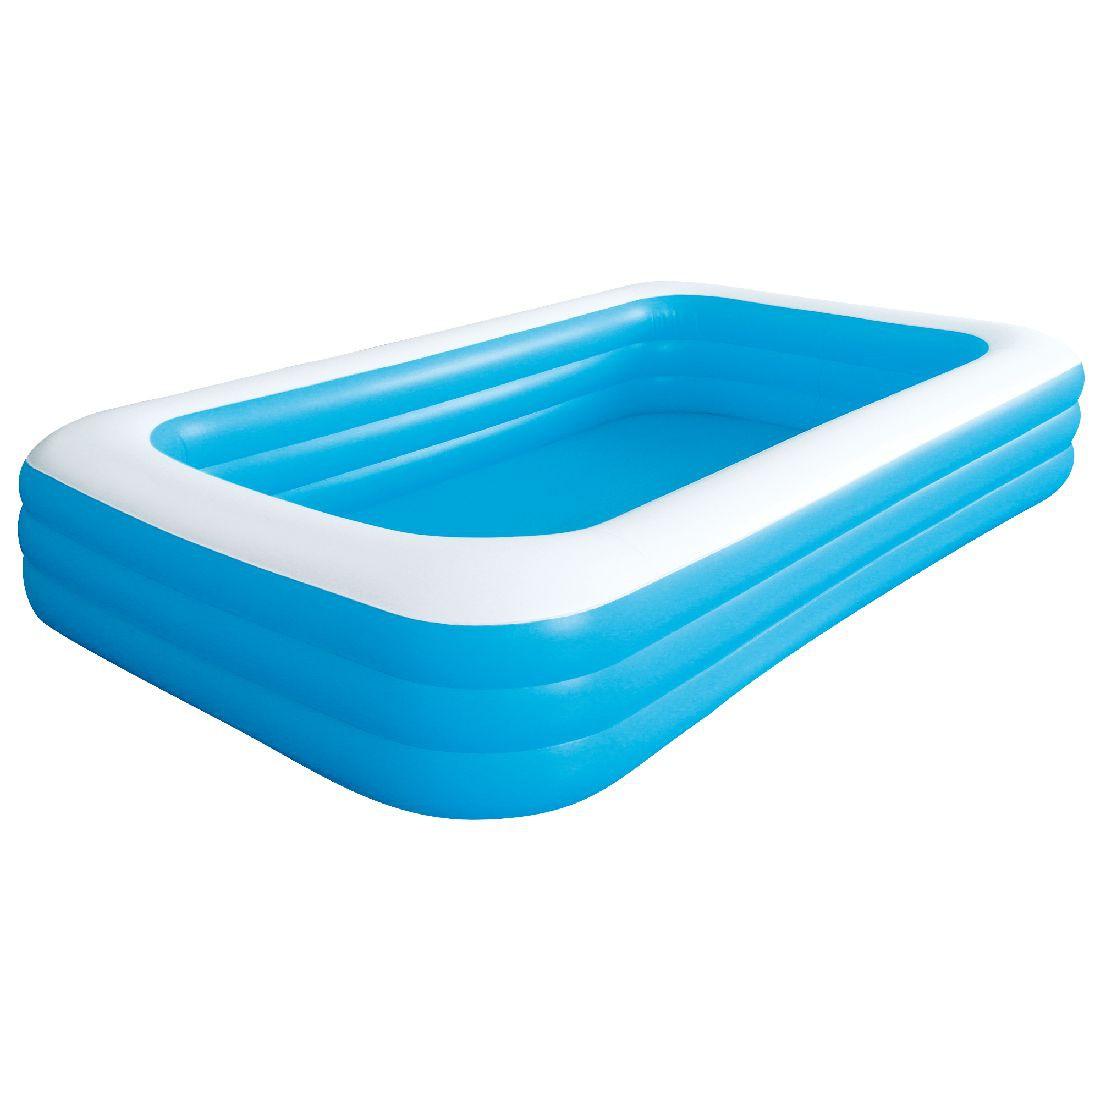 Achetez jilong giant pool 3r366 piscine familiale for Acheter piscine pour chien